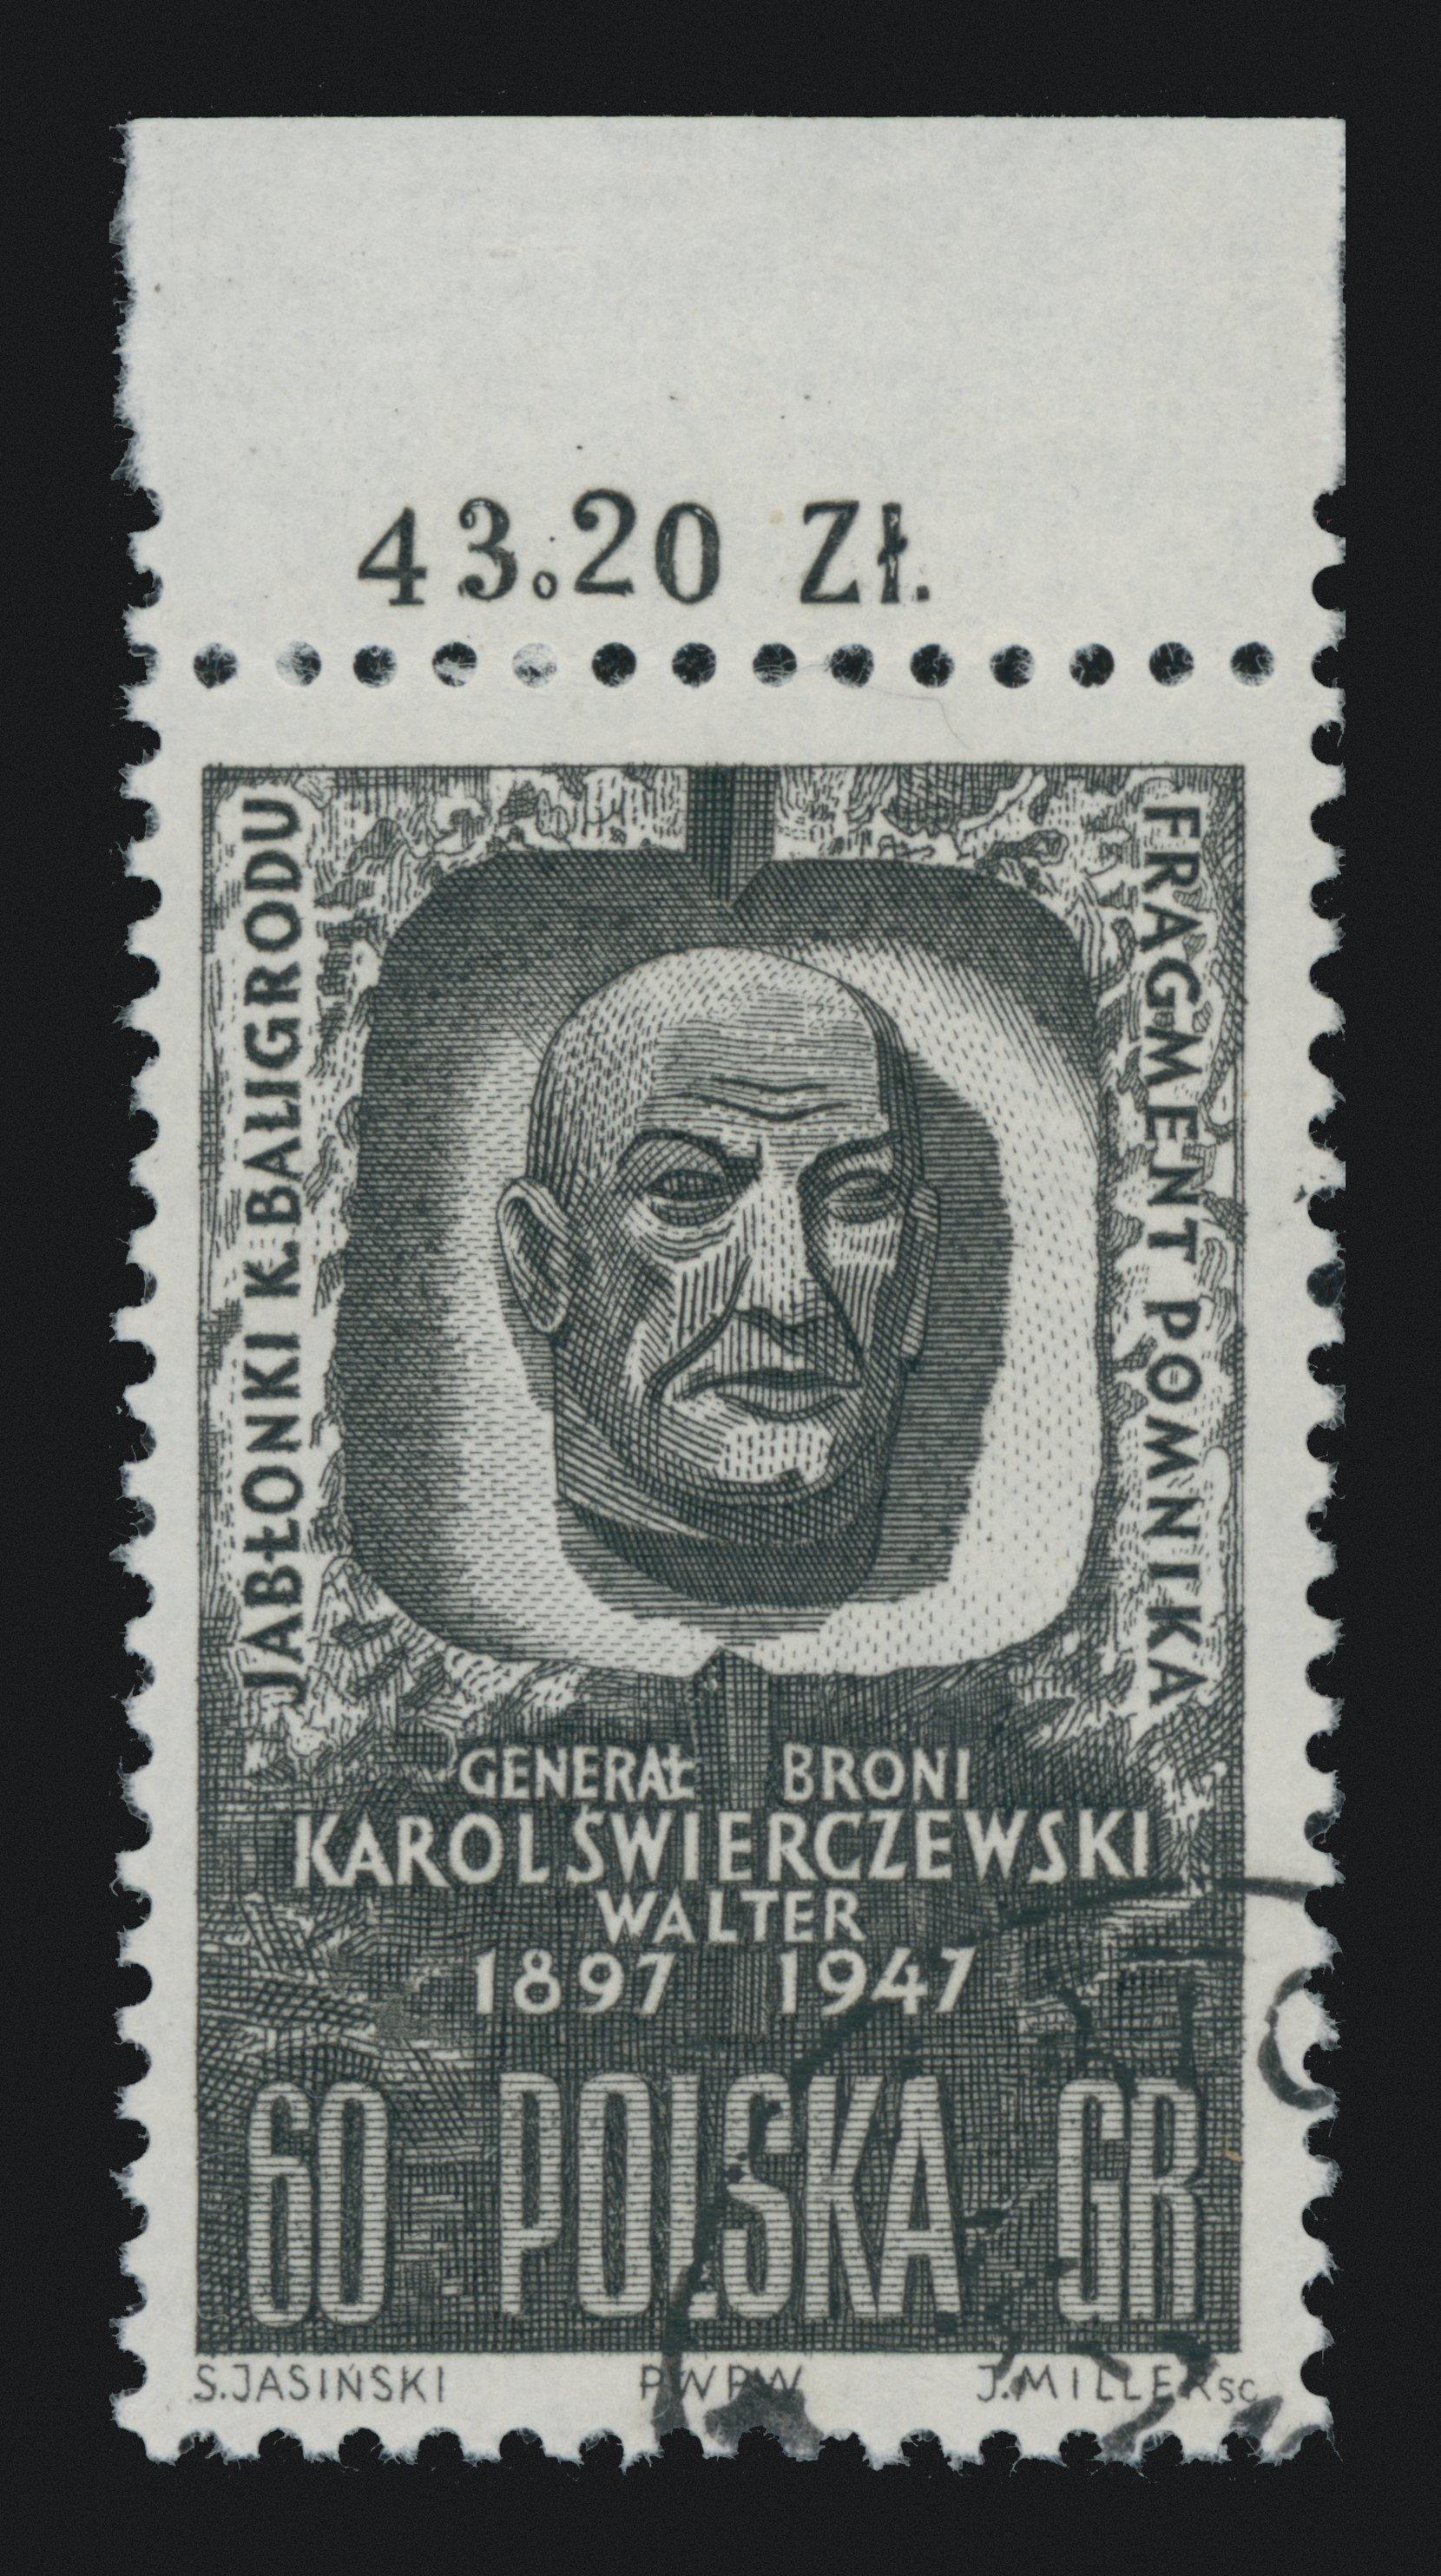 karol świerczewski, 60 gr stamp philately postage stamps